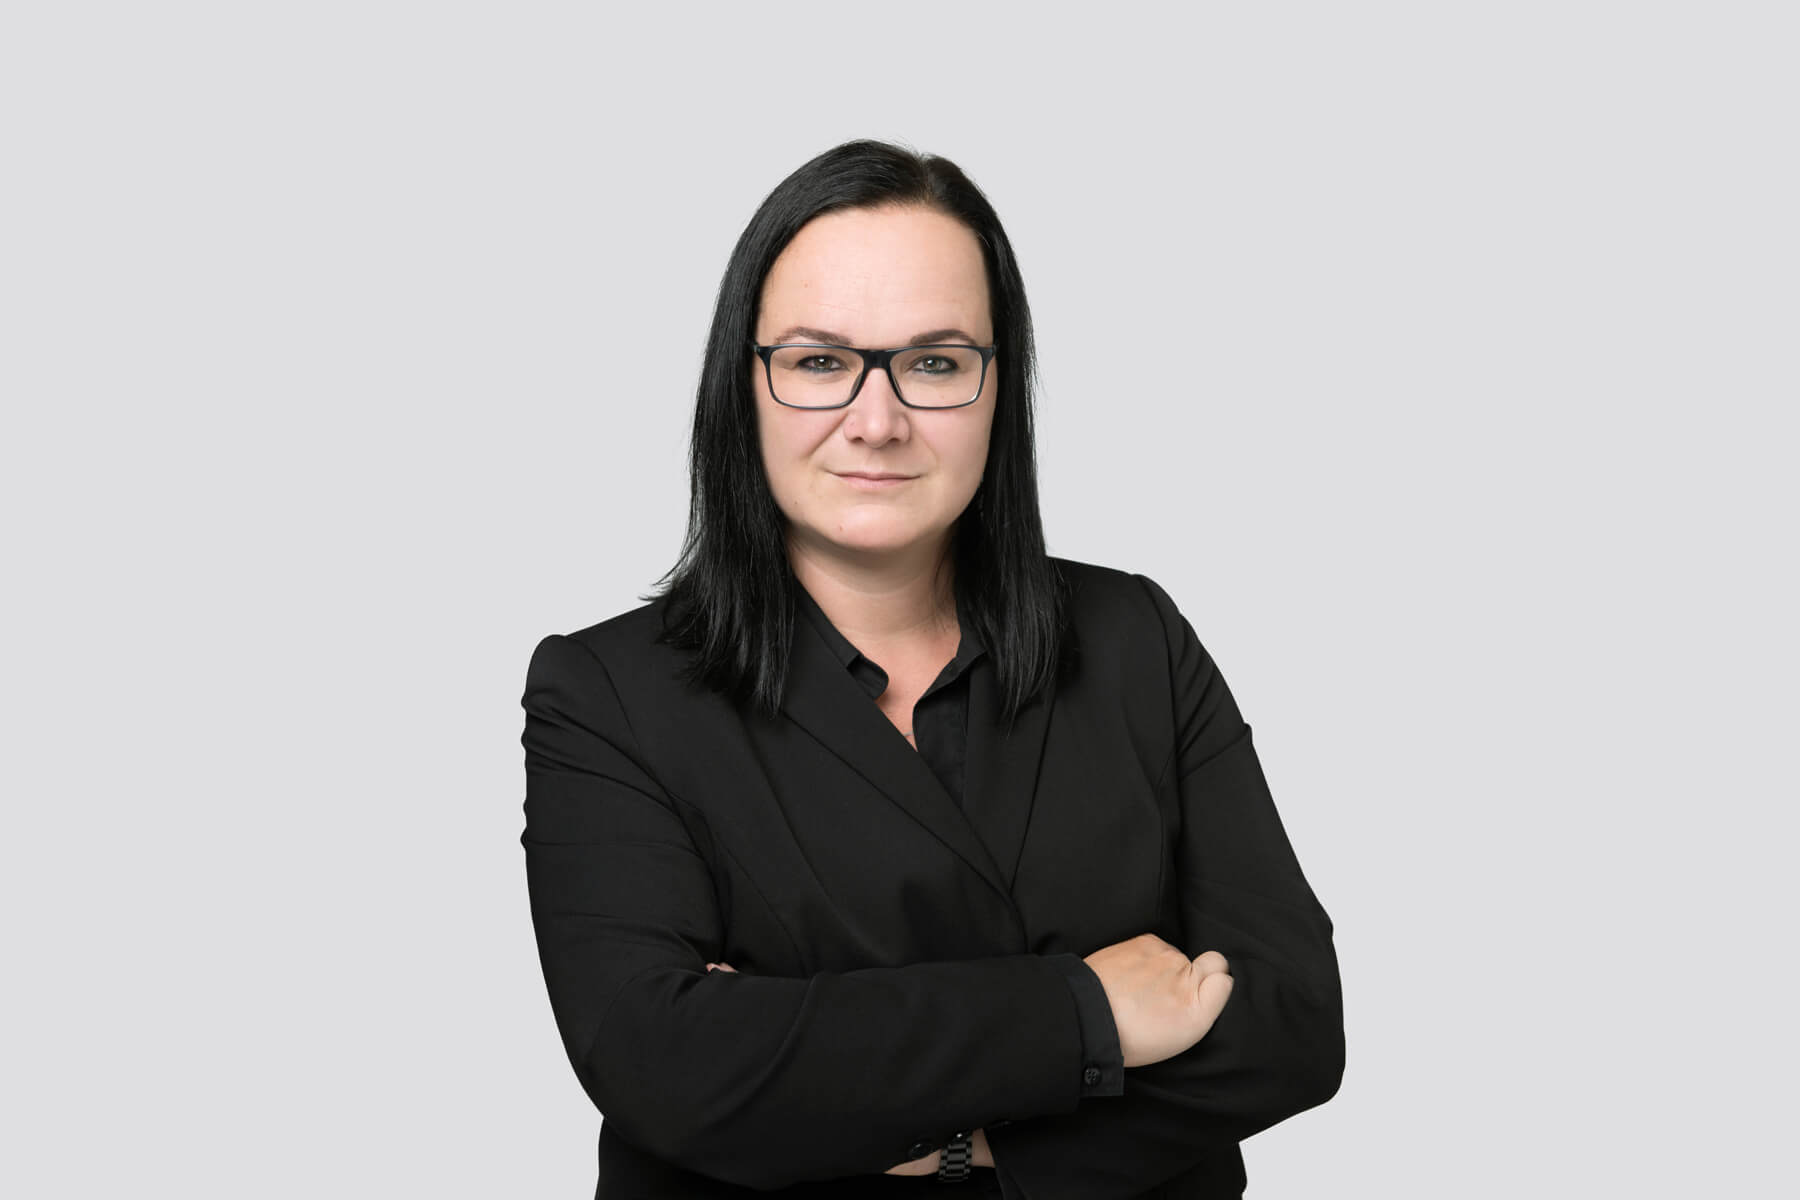 Katrin Deinlein - Head of Finance, IT & Operations